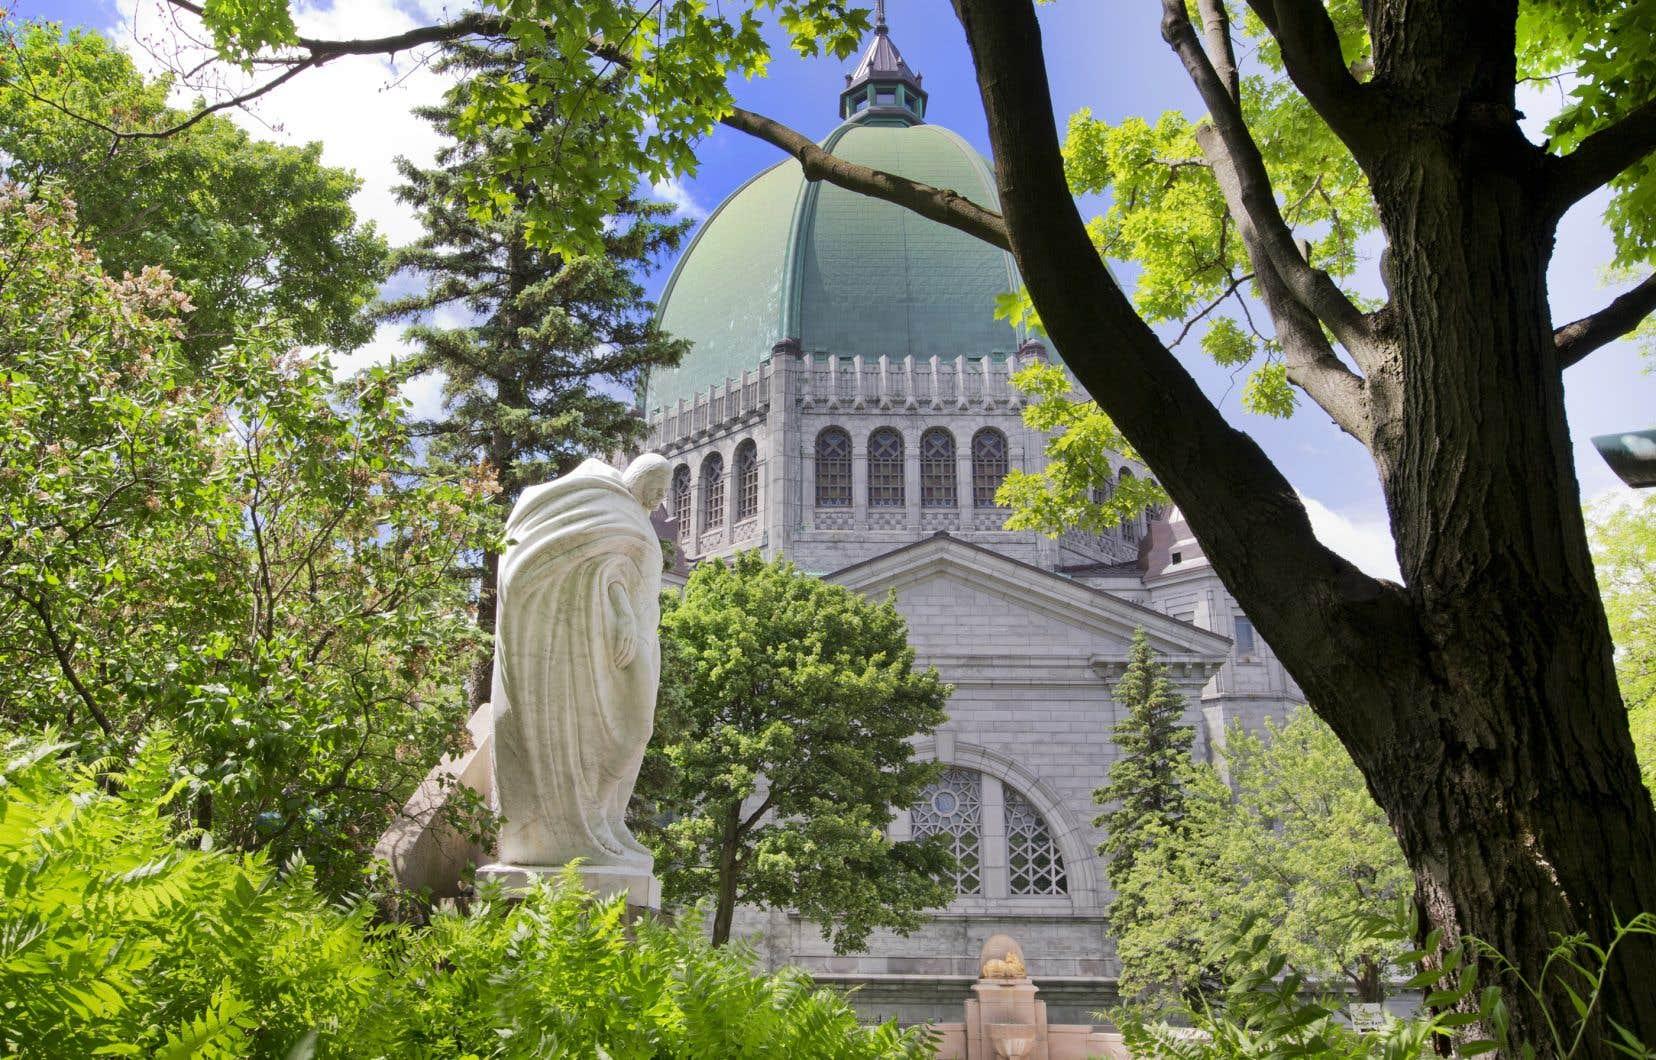 L'oratoire est un des lieux à Montréal les plus fréquentés par les touristes, rappelle l'auteur.